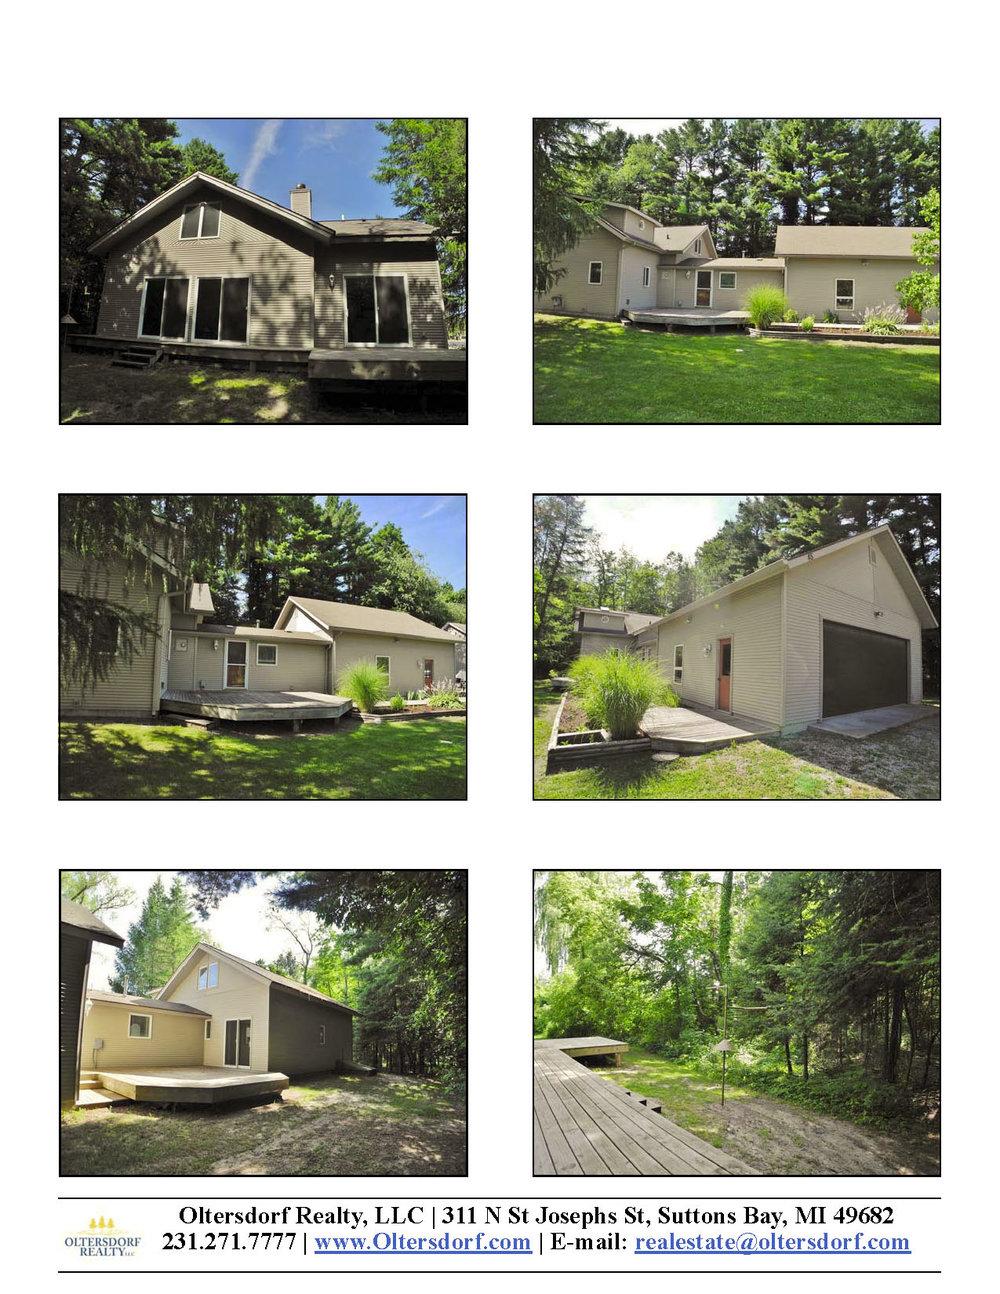 45 N Eagle Highway, Lake Leelanau, Real Estate For Sale by Oltersdorf Realty - Marketing Packet (2).jpg